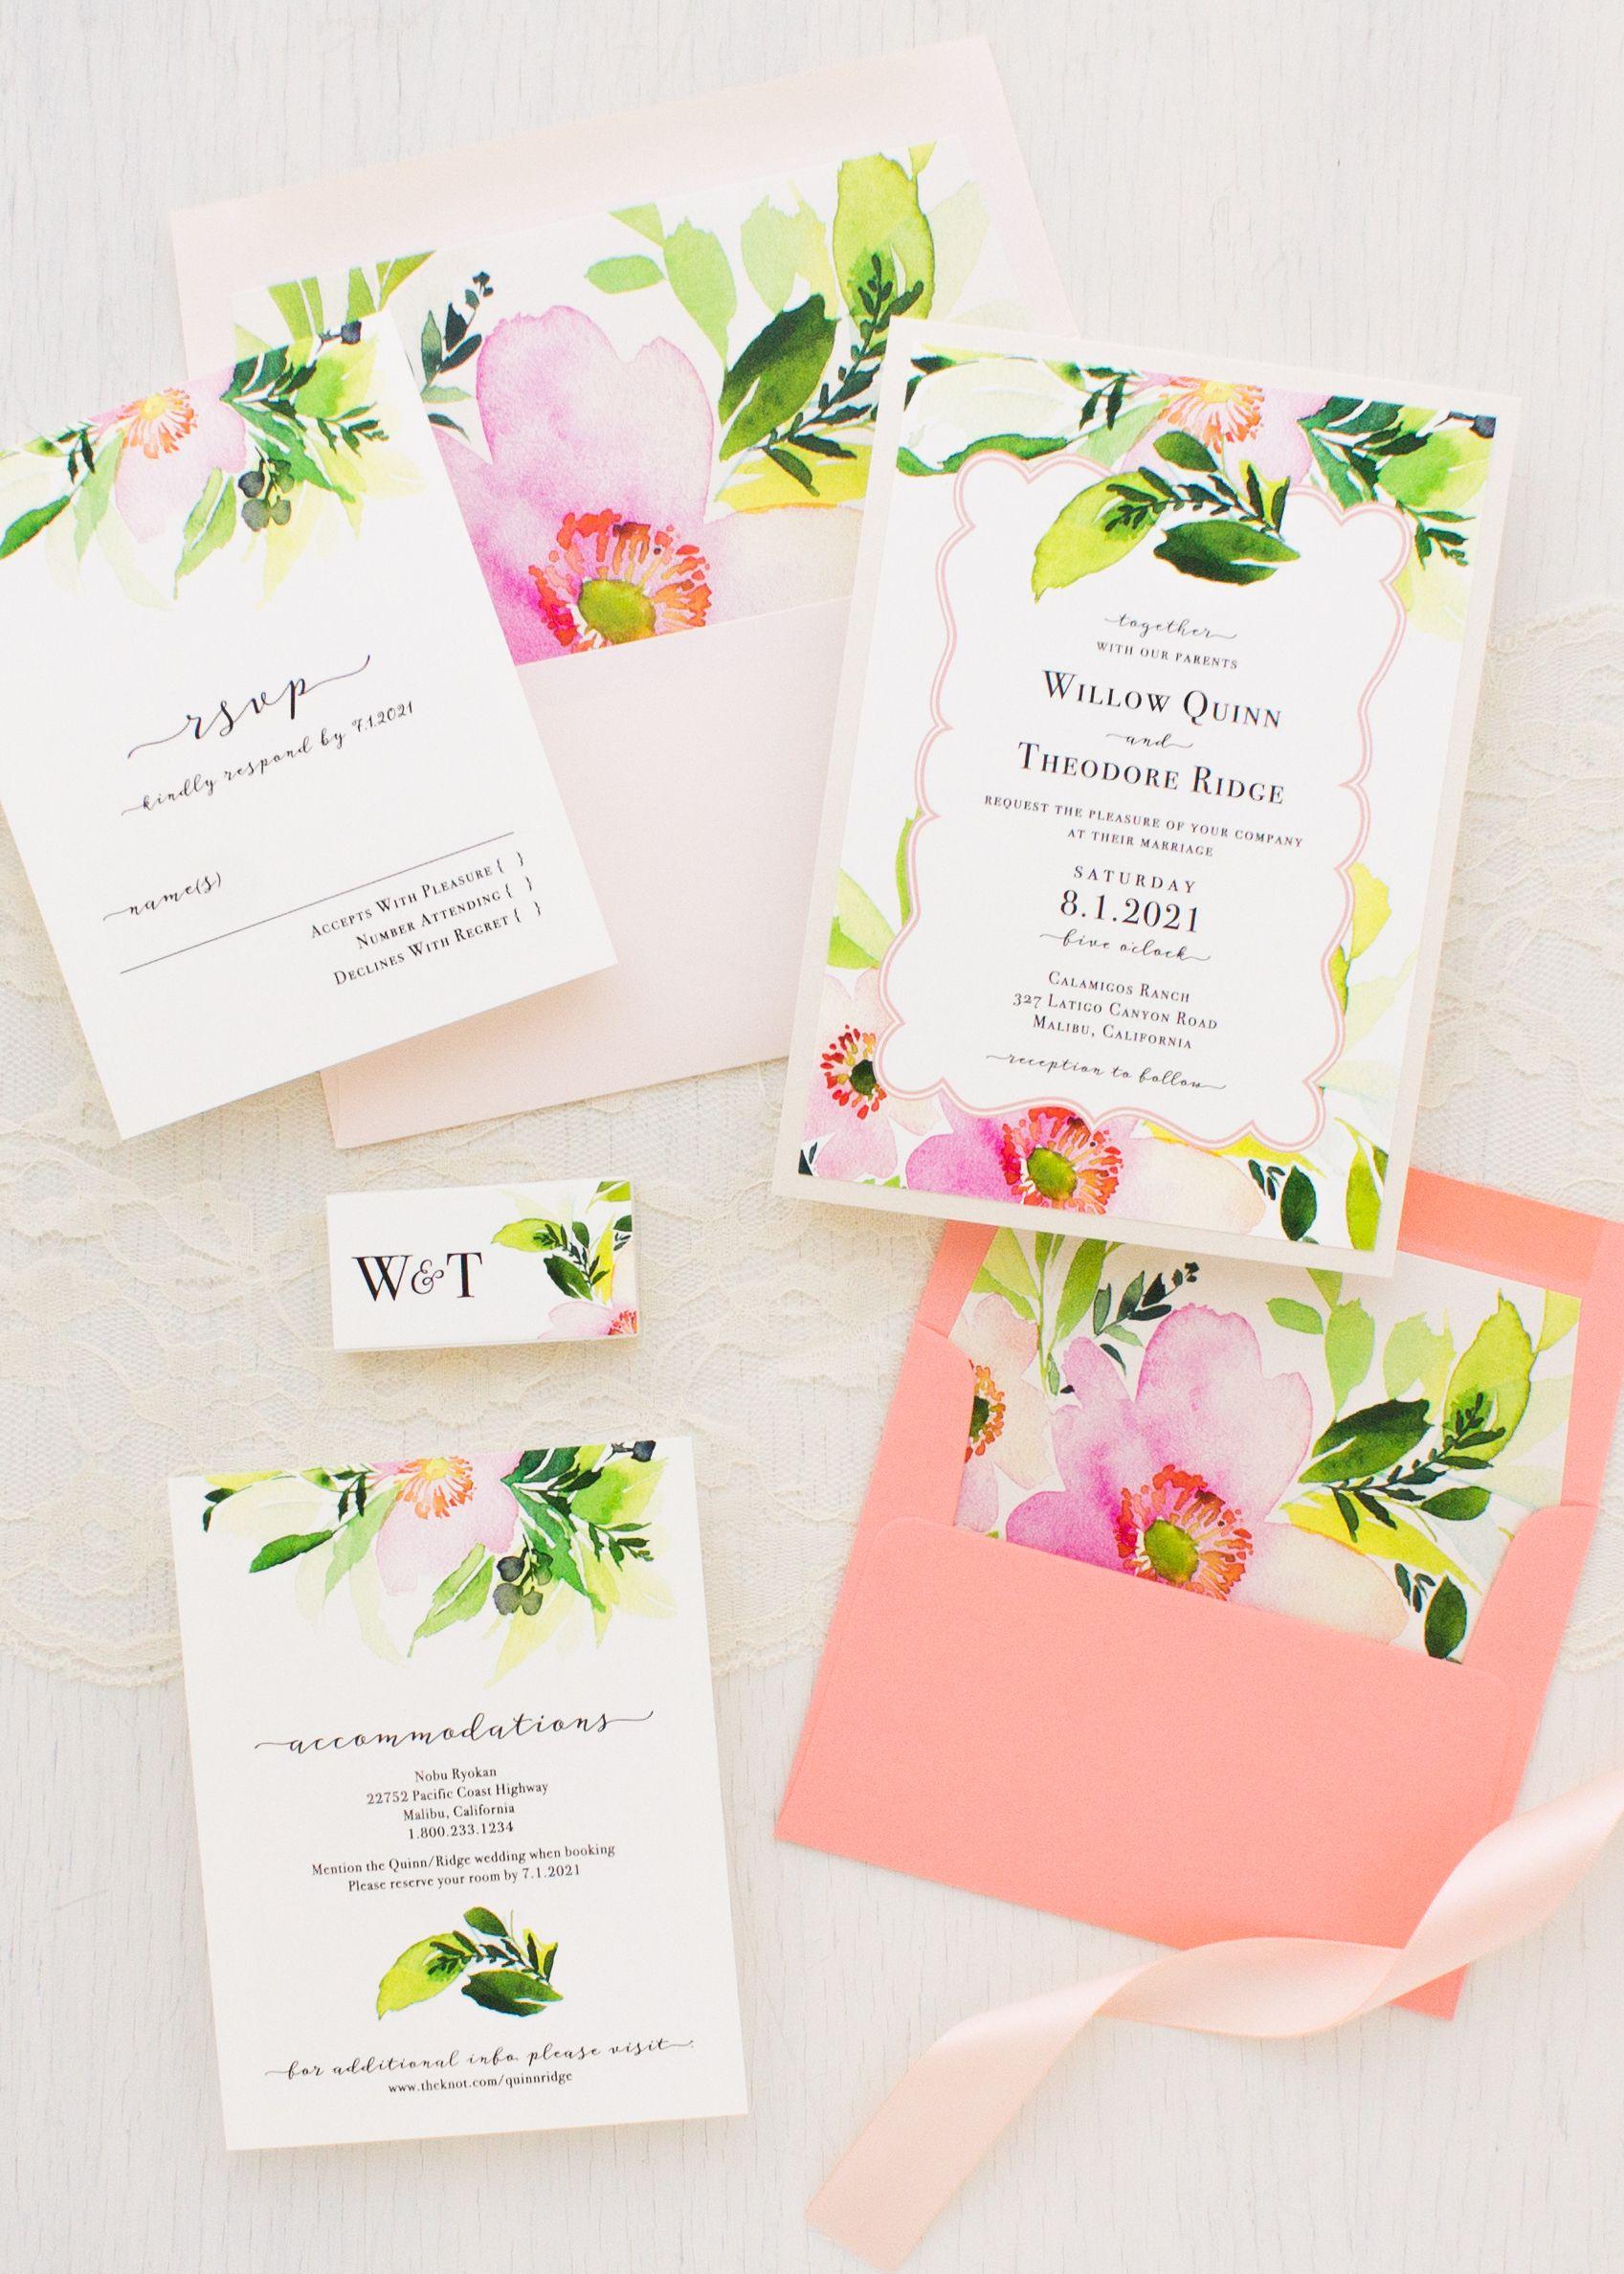 Bright Coral Wedding Invitations Green Peach Florals Beacon Lane Coral Wedding Invitations Floral Wedding Invitations Wedding Invitations Rustic